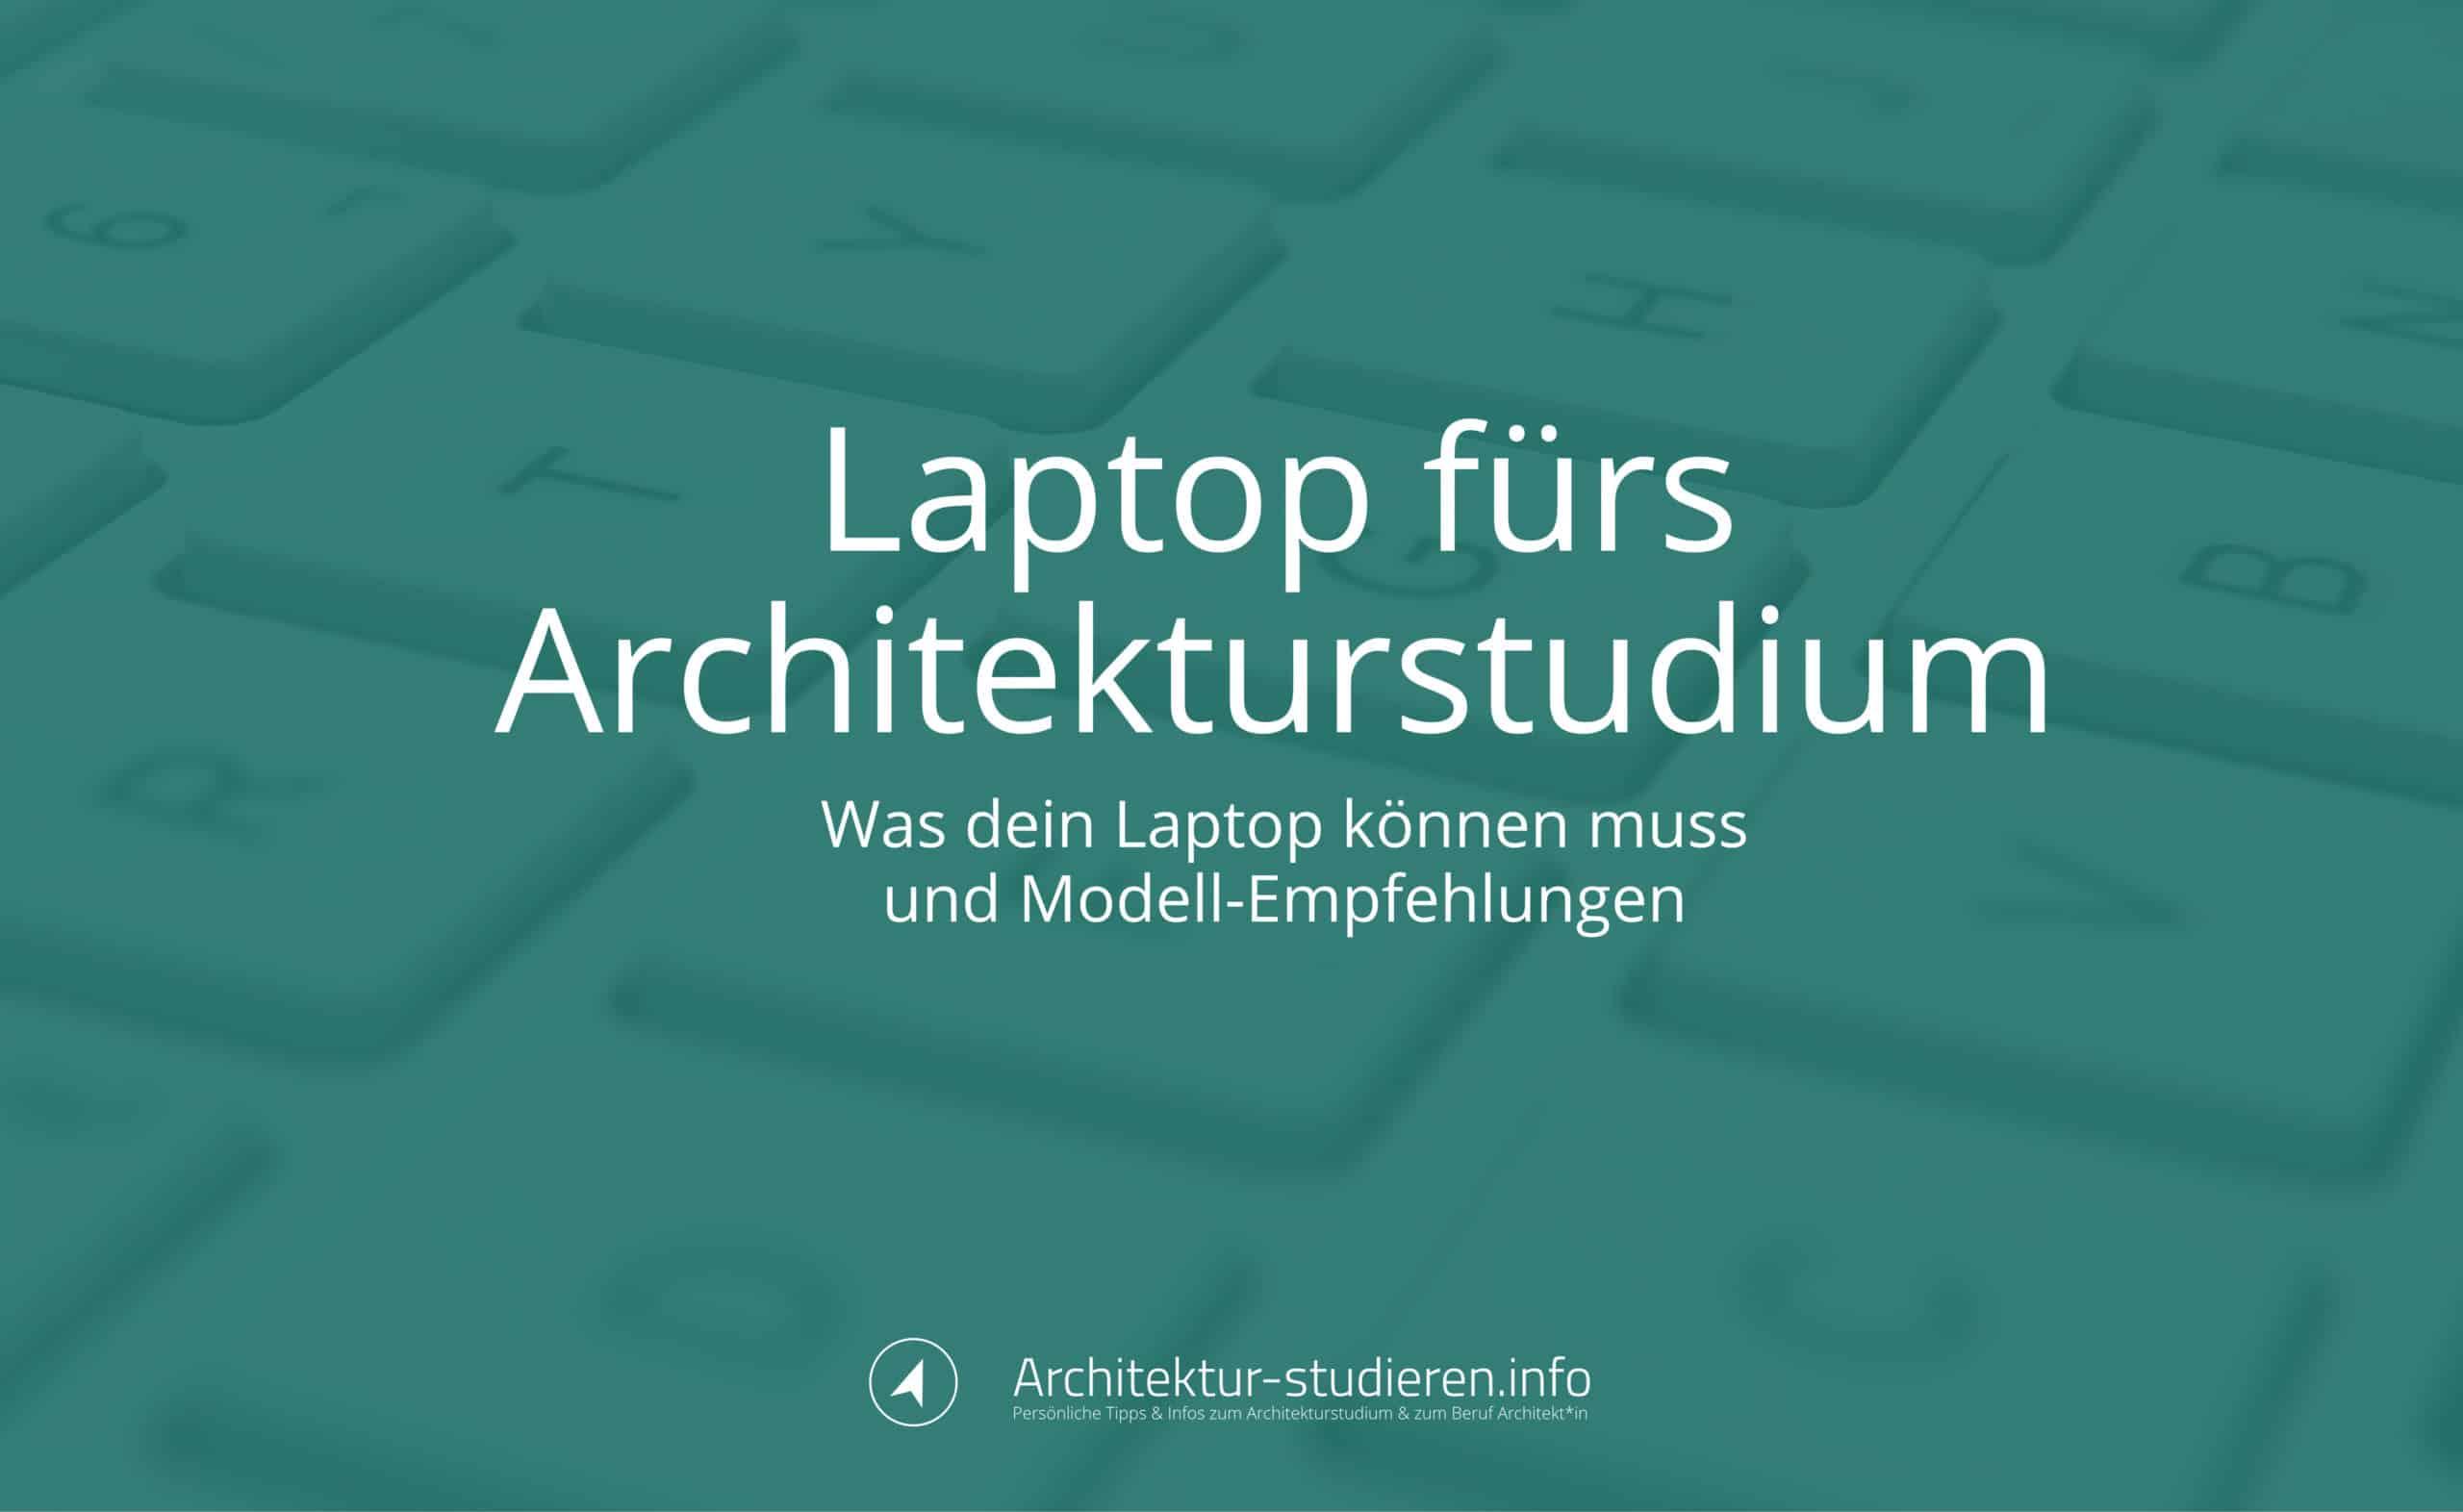 Empfehlungen und Technik-Guide: Laptop fürs Architekturstudium 2021/2022 | © Anett Ring, Architektur-studieren.info